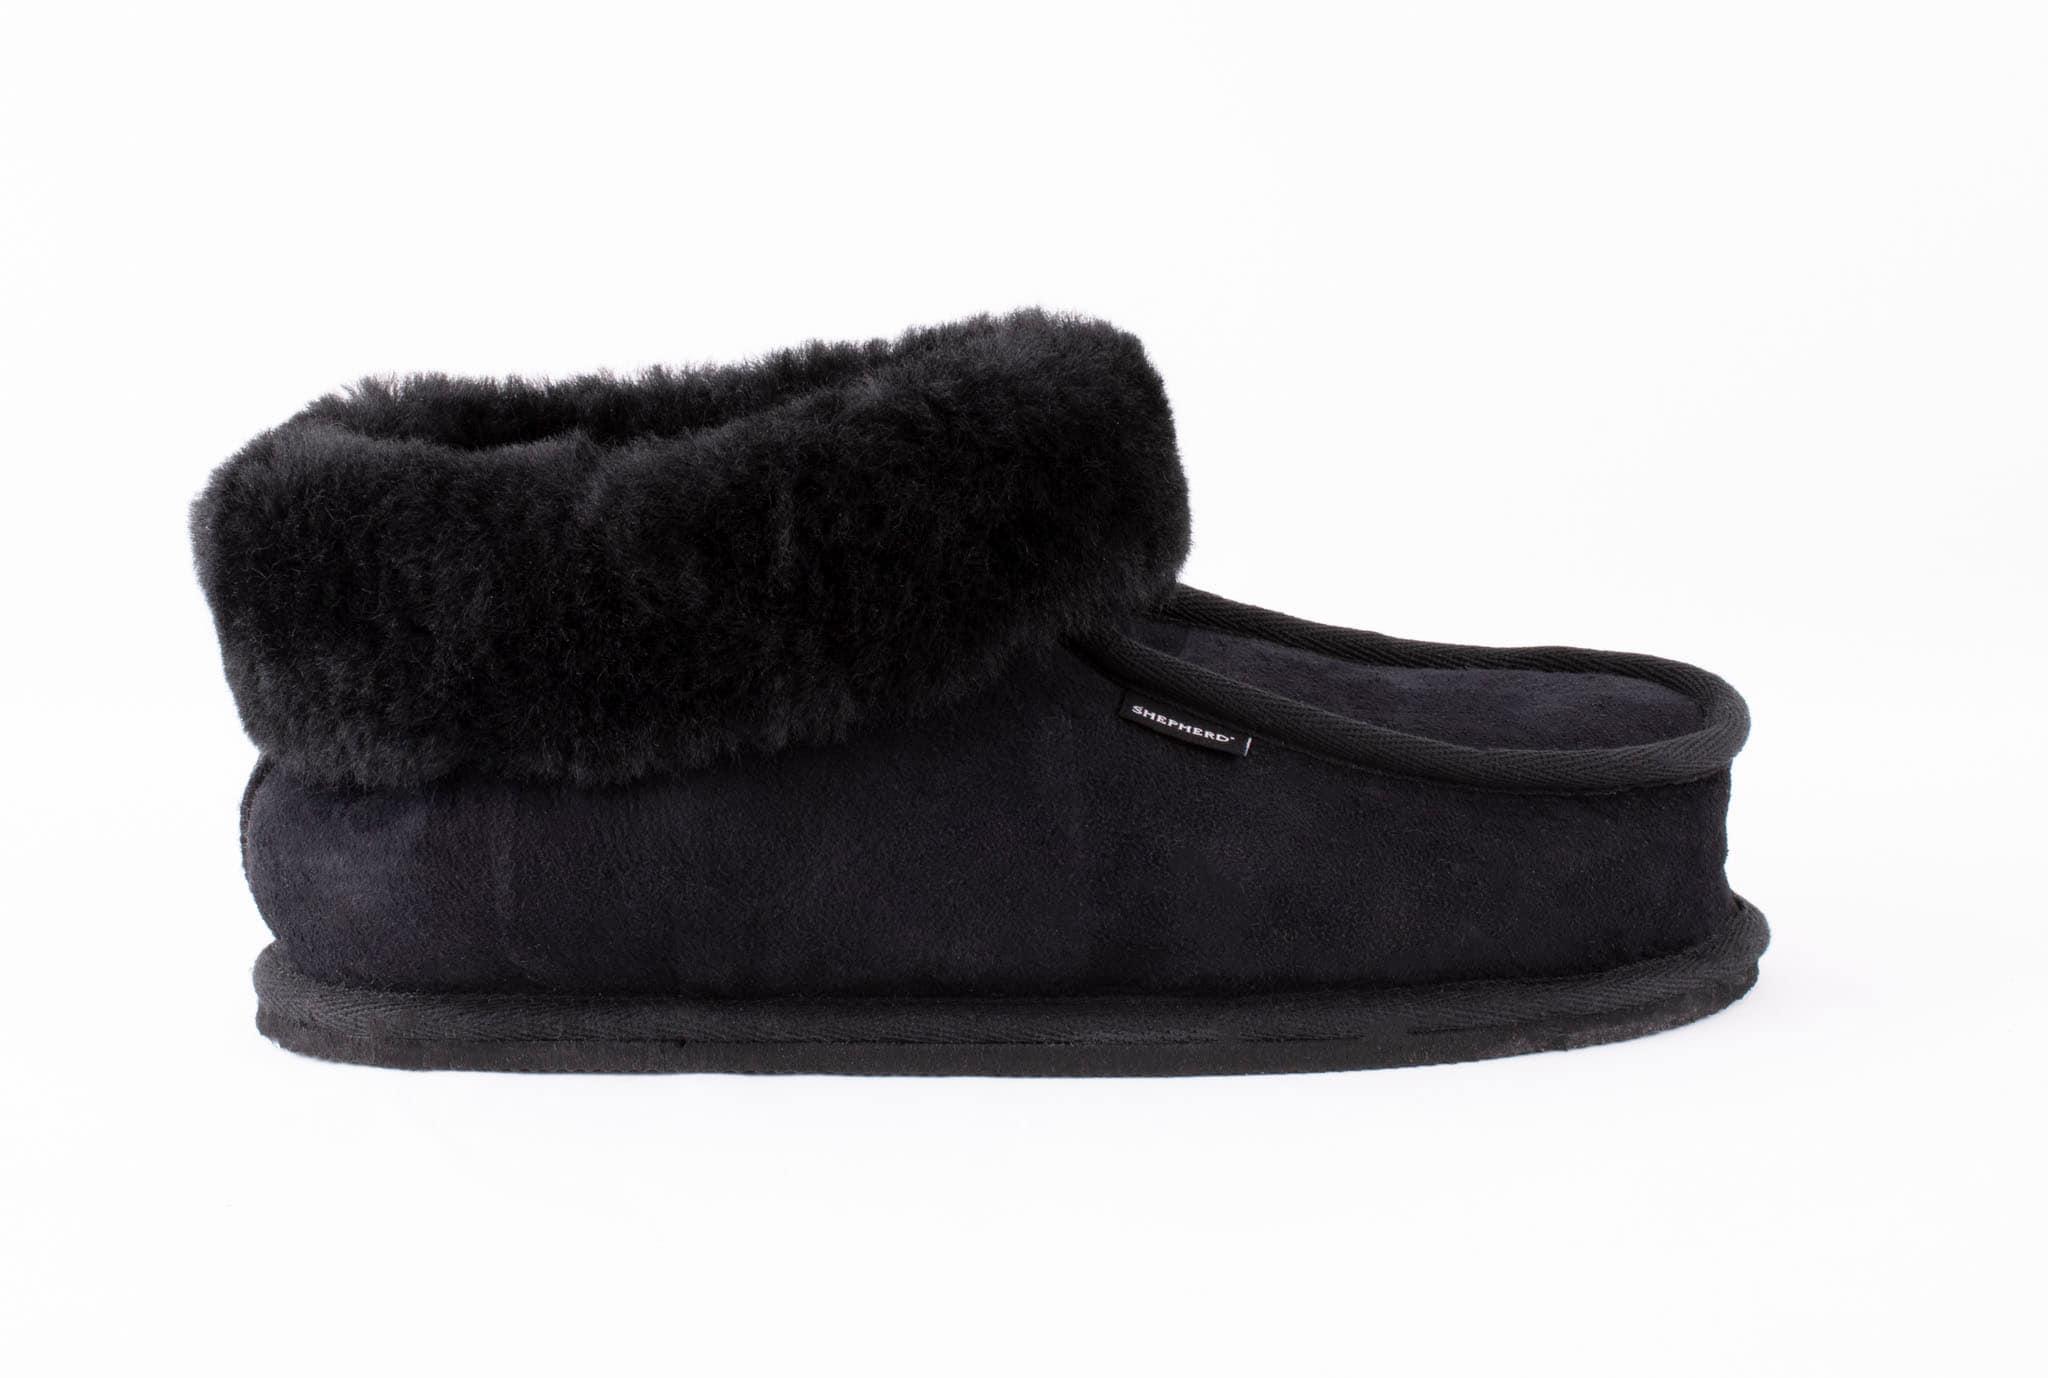 Krister sheepskin slippers Black